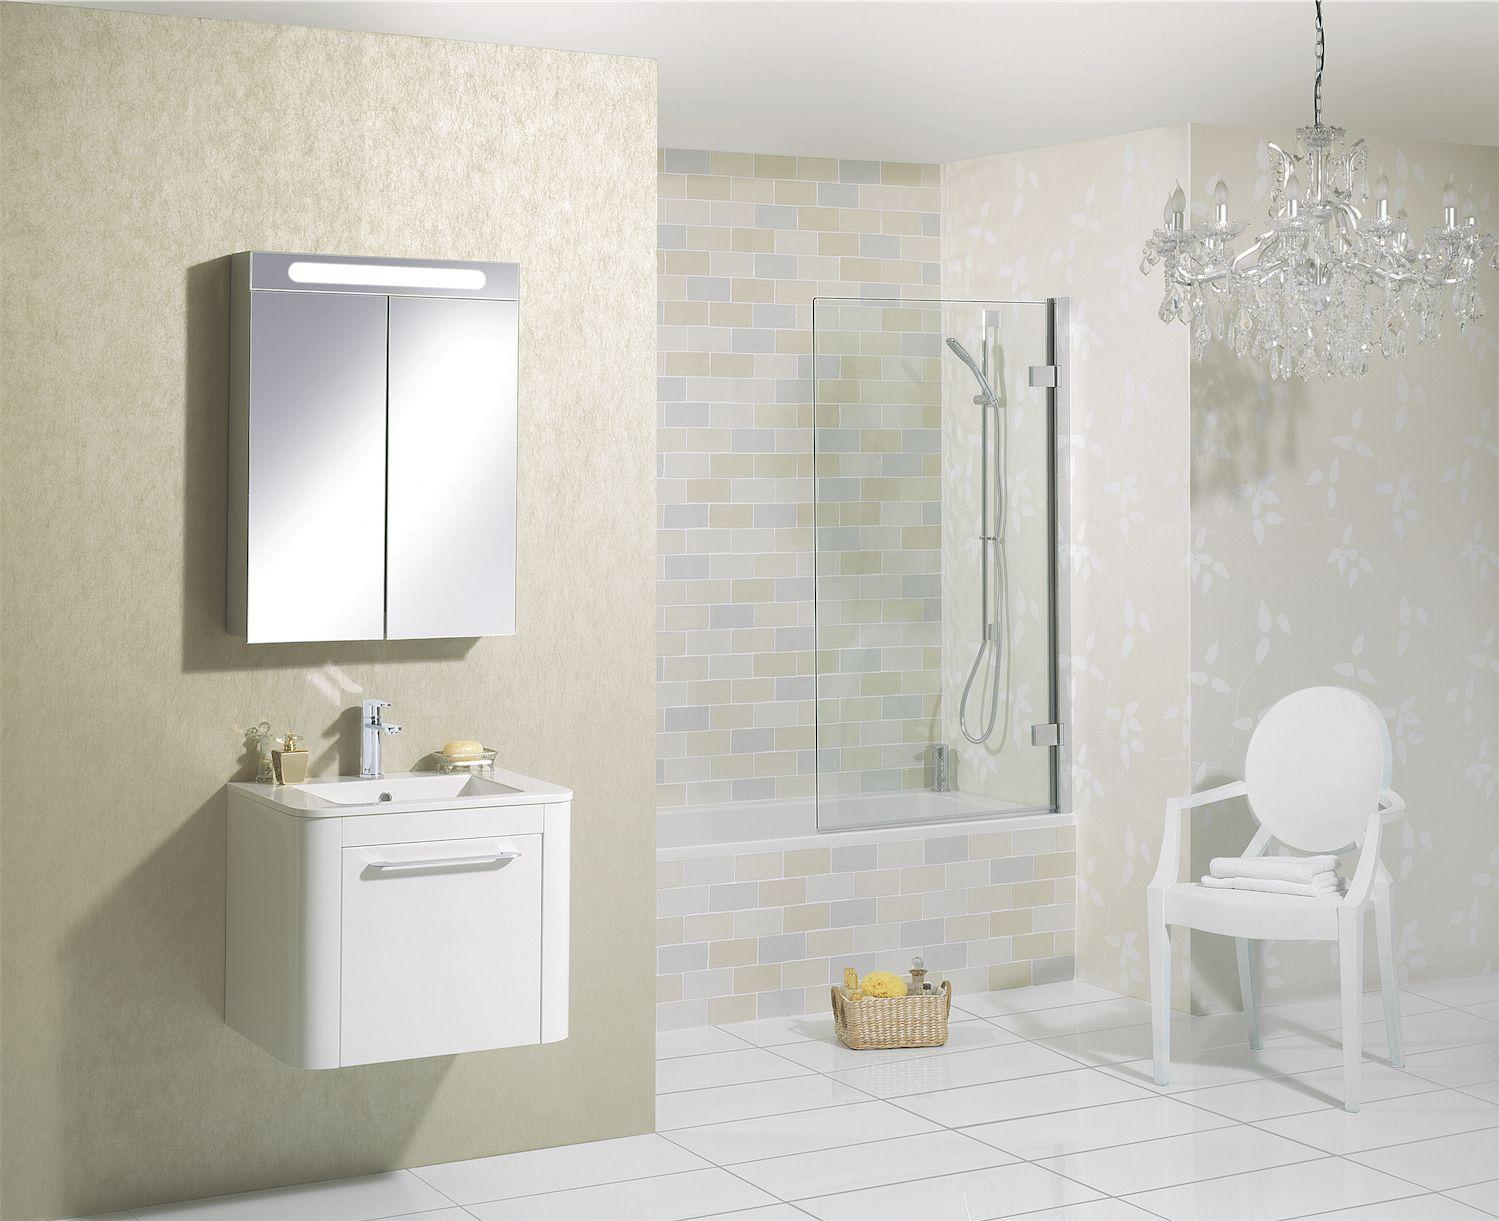 Celeste White Gloss Bathroom Furniture Range from Crosswater http ...